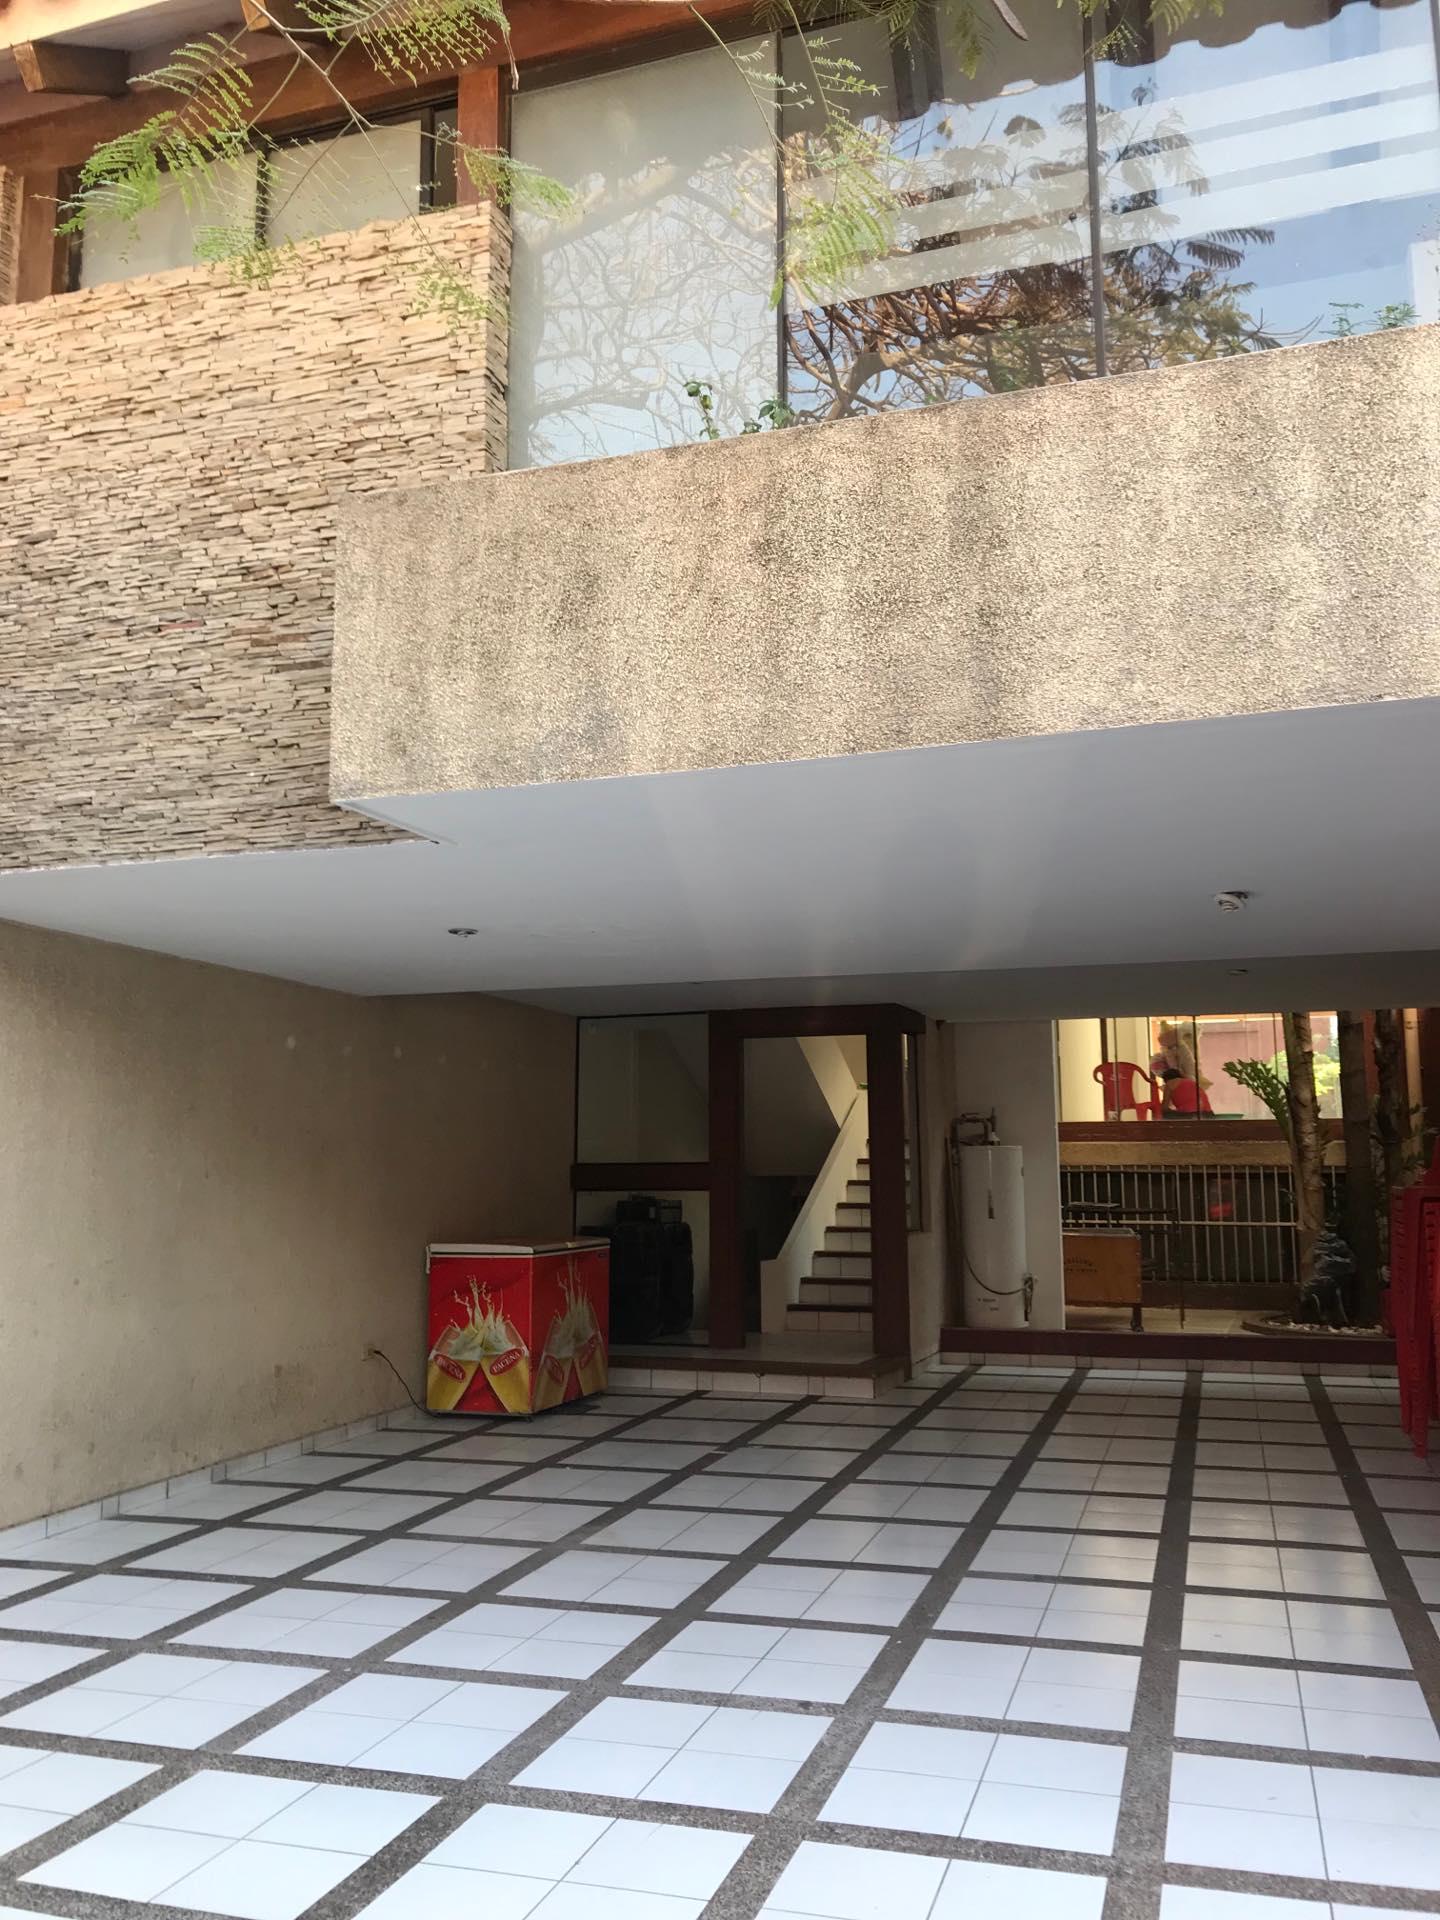 Casa en Alquiler Av. Melchor Pinto entre 1ro y 2do anillo  Foto 23